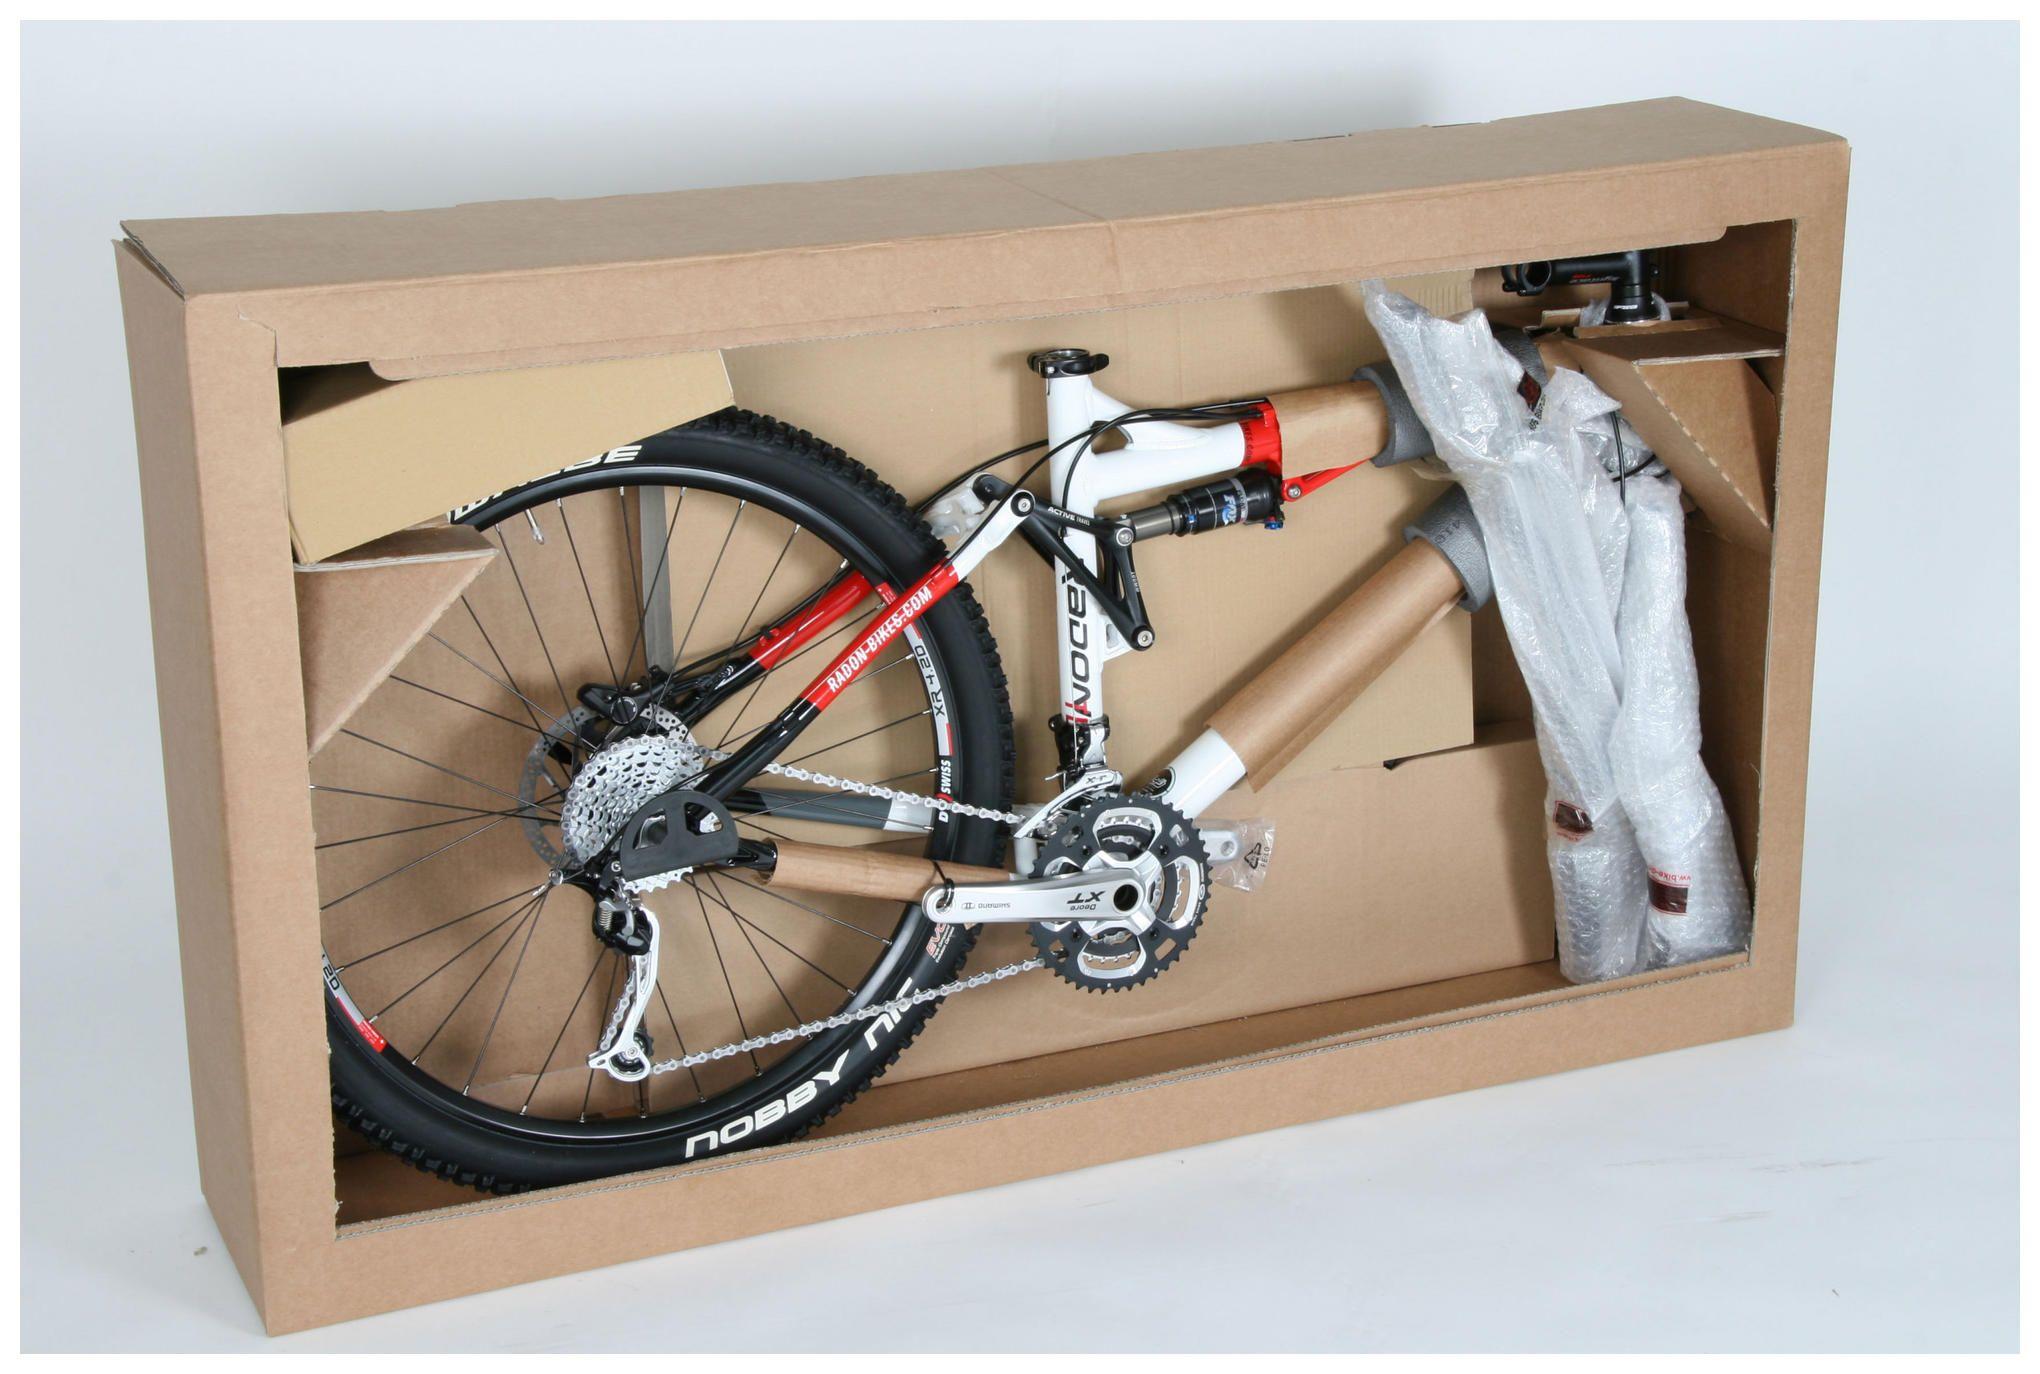 Radon Bike Box Collo Speciale Bike Bike Design Box